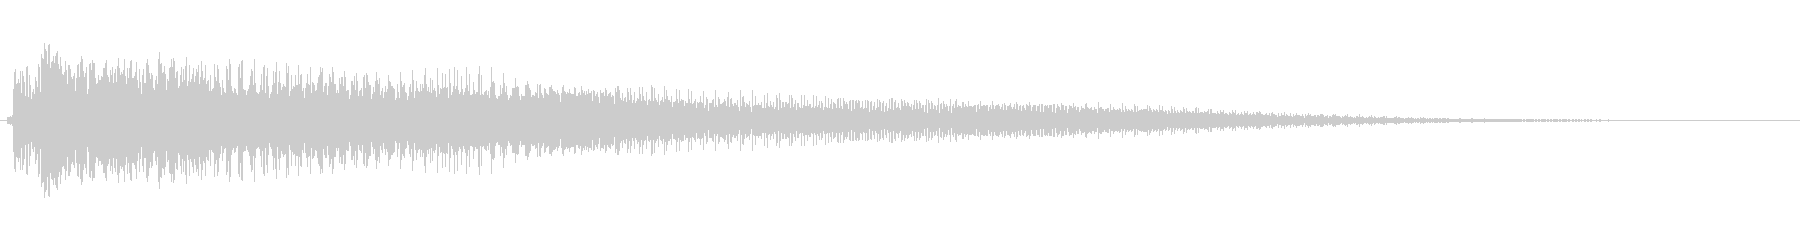 アコースティックギター ジャラーンの未再生の波形